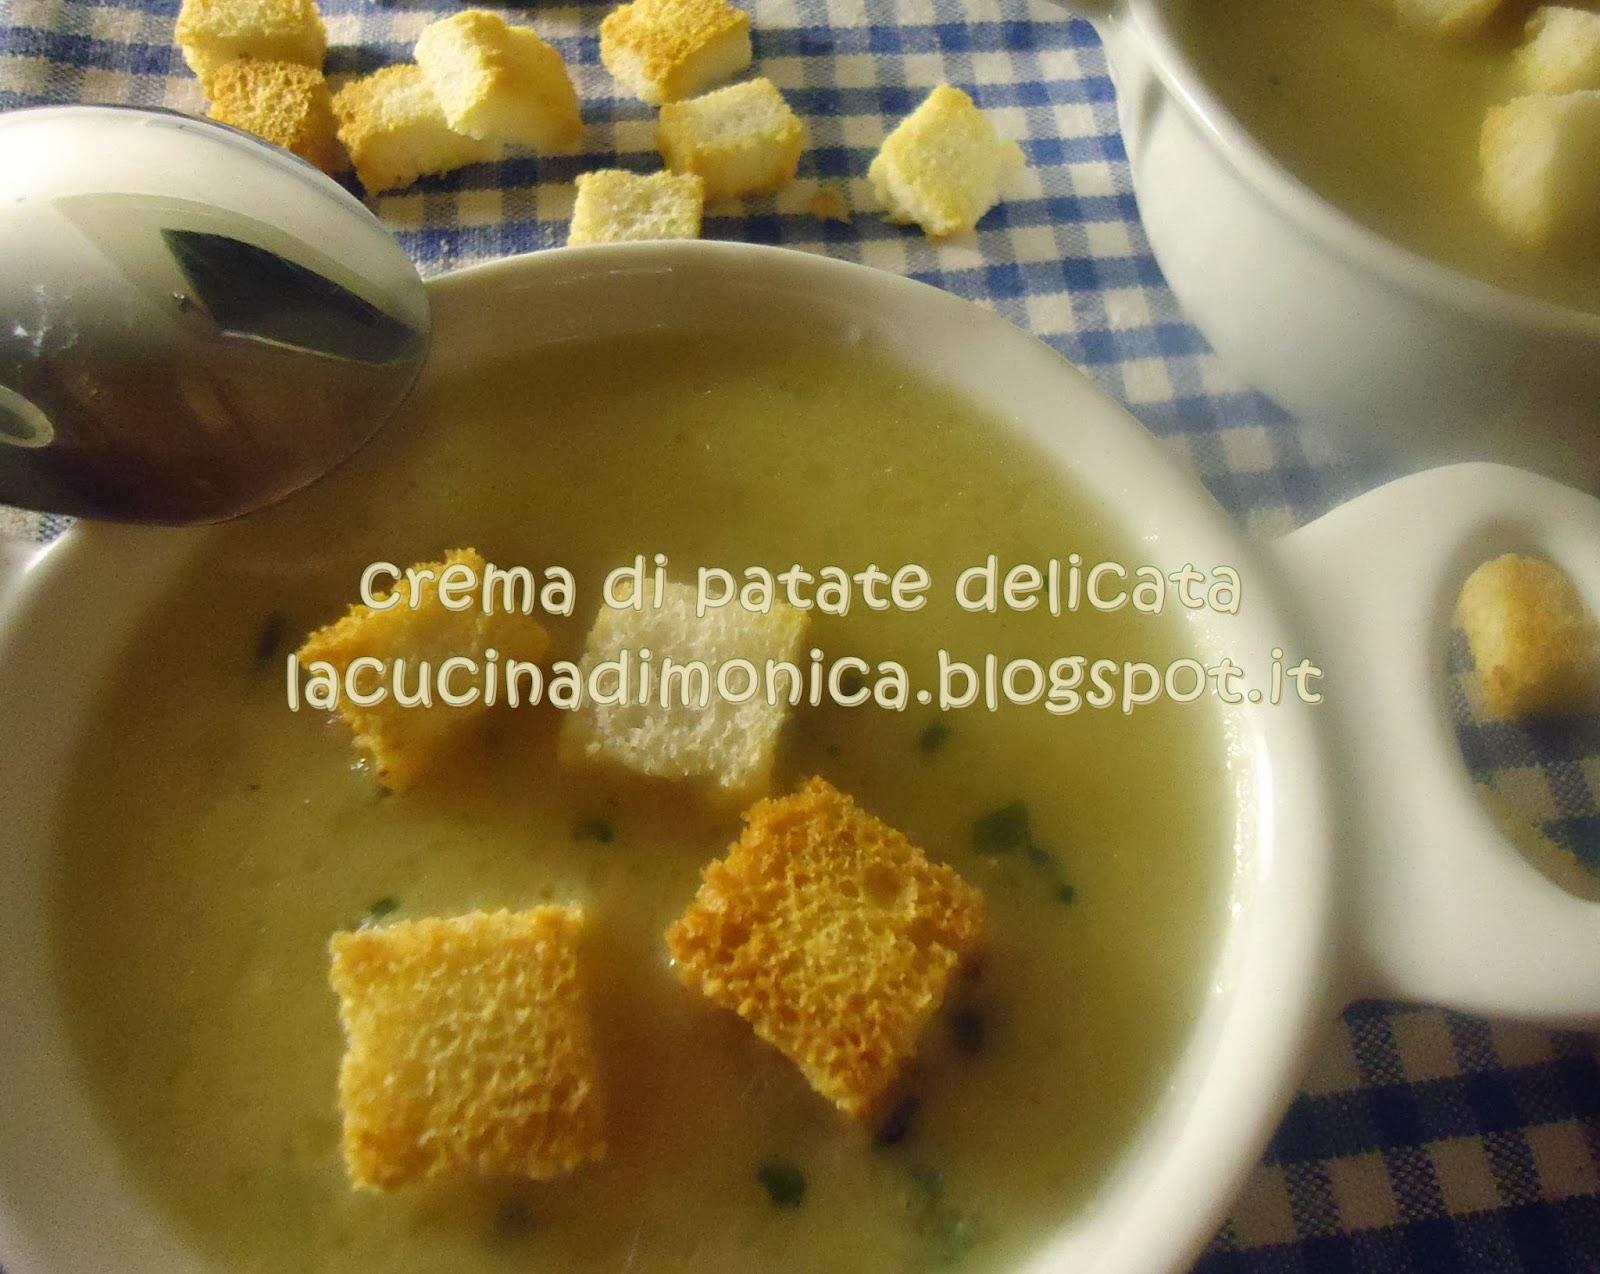 crema di patate delicata